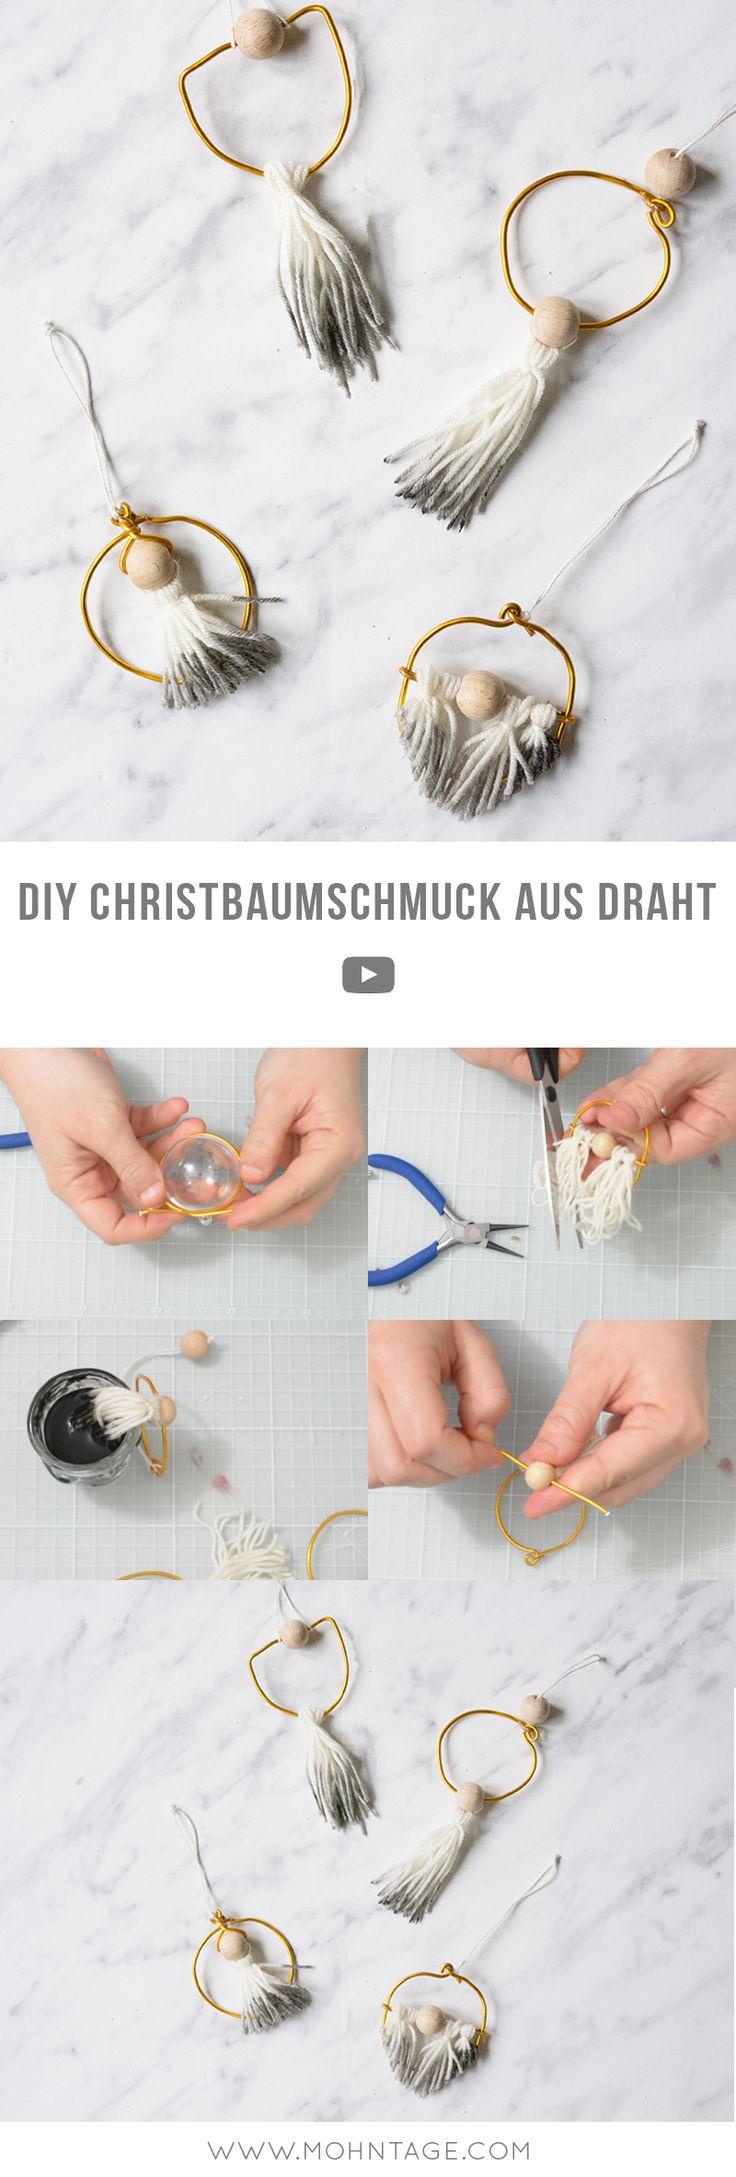 83 best Weihnachten ⭐ DIY images on Pinterest | Christmas diy ...